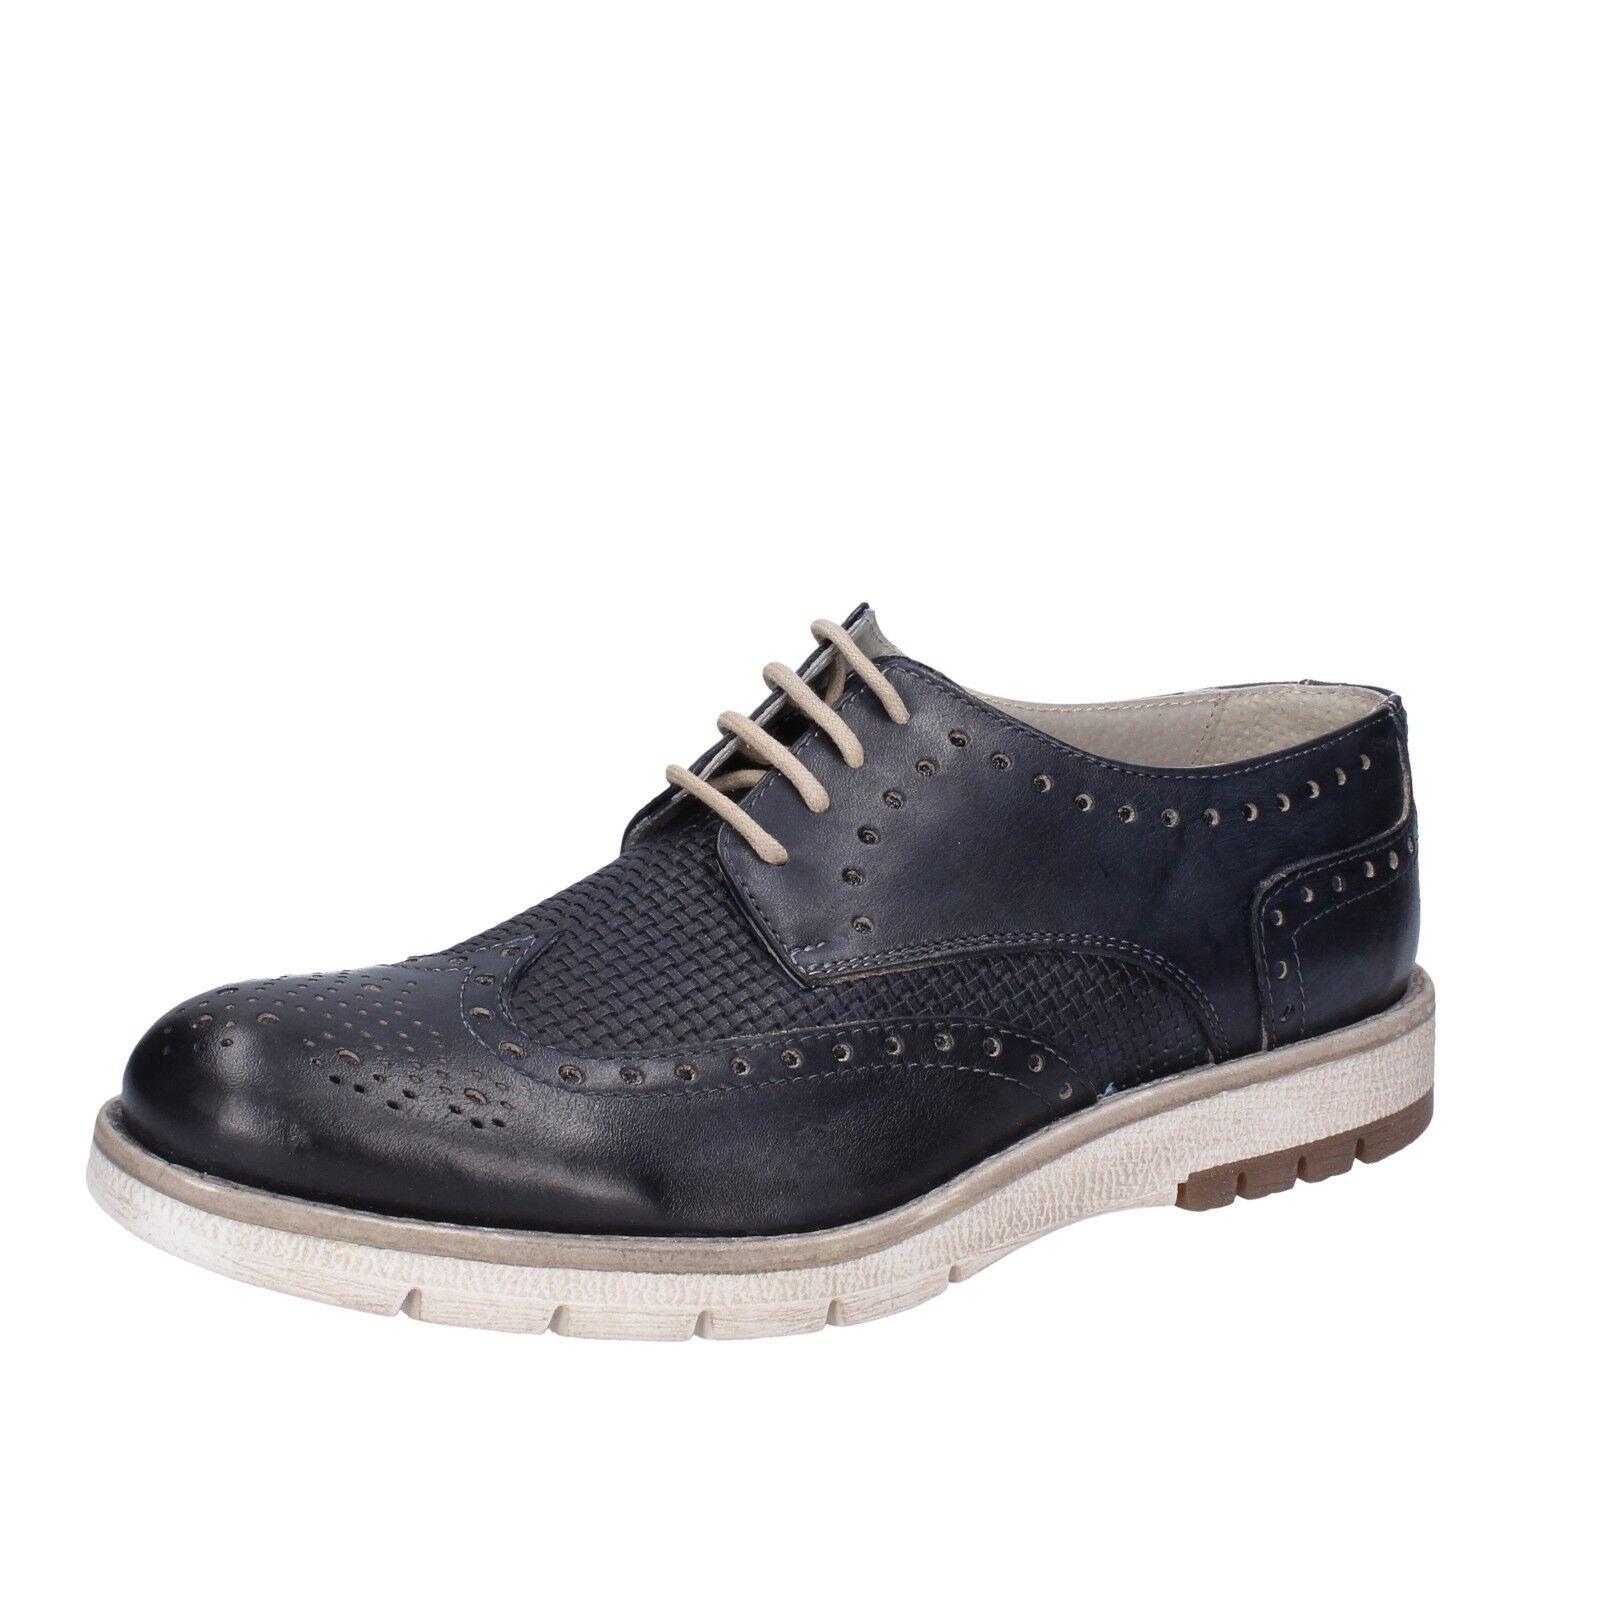 Herren schuhe OSSIANI 40 EU elegante blau leder BT868-40    |  | Modern Und Elegant In Der Mode  | Zuverlässiger Ruf